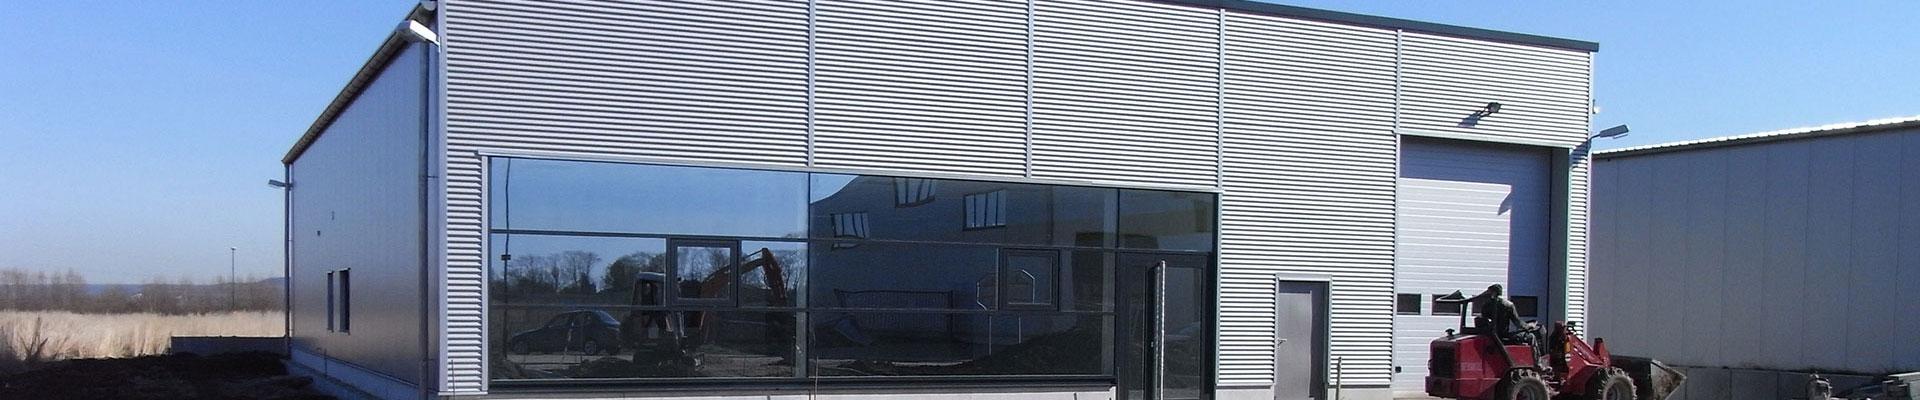 Gewerbehalle mit Verkaufsraum